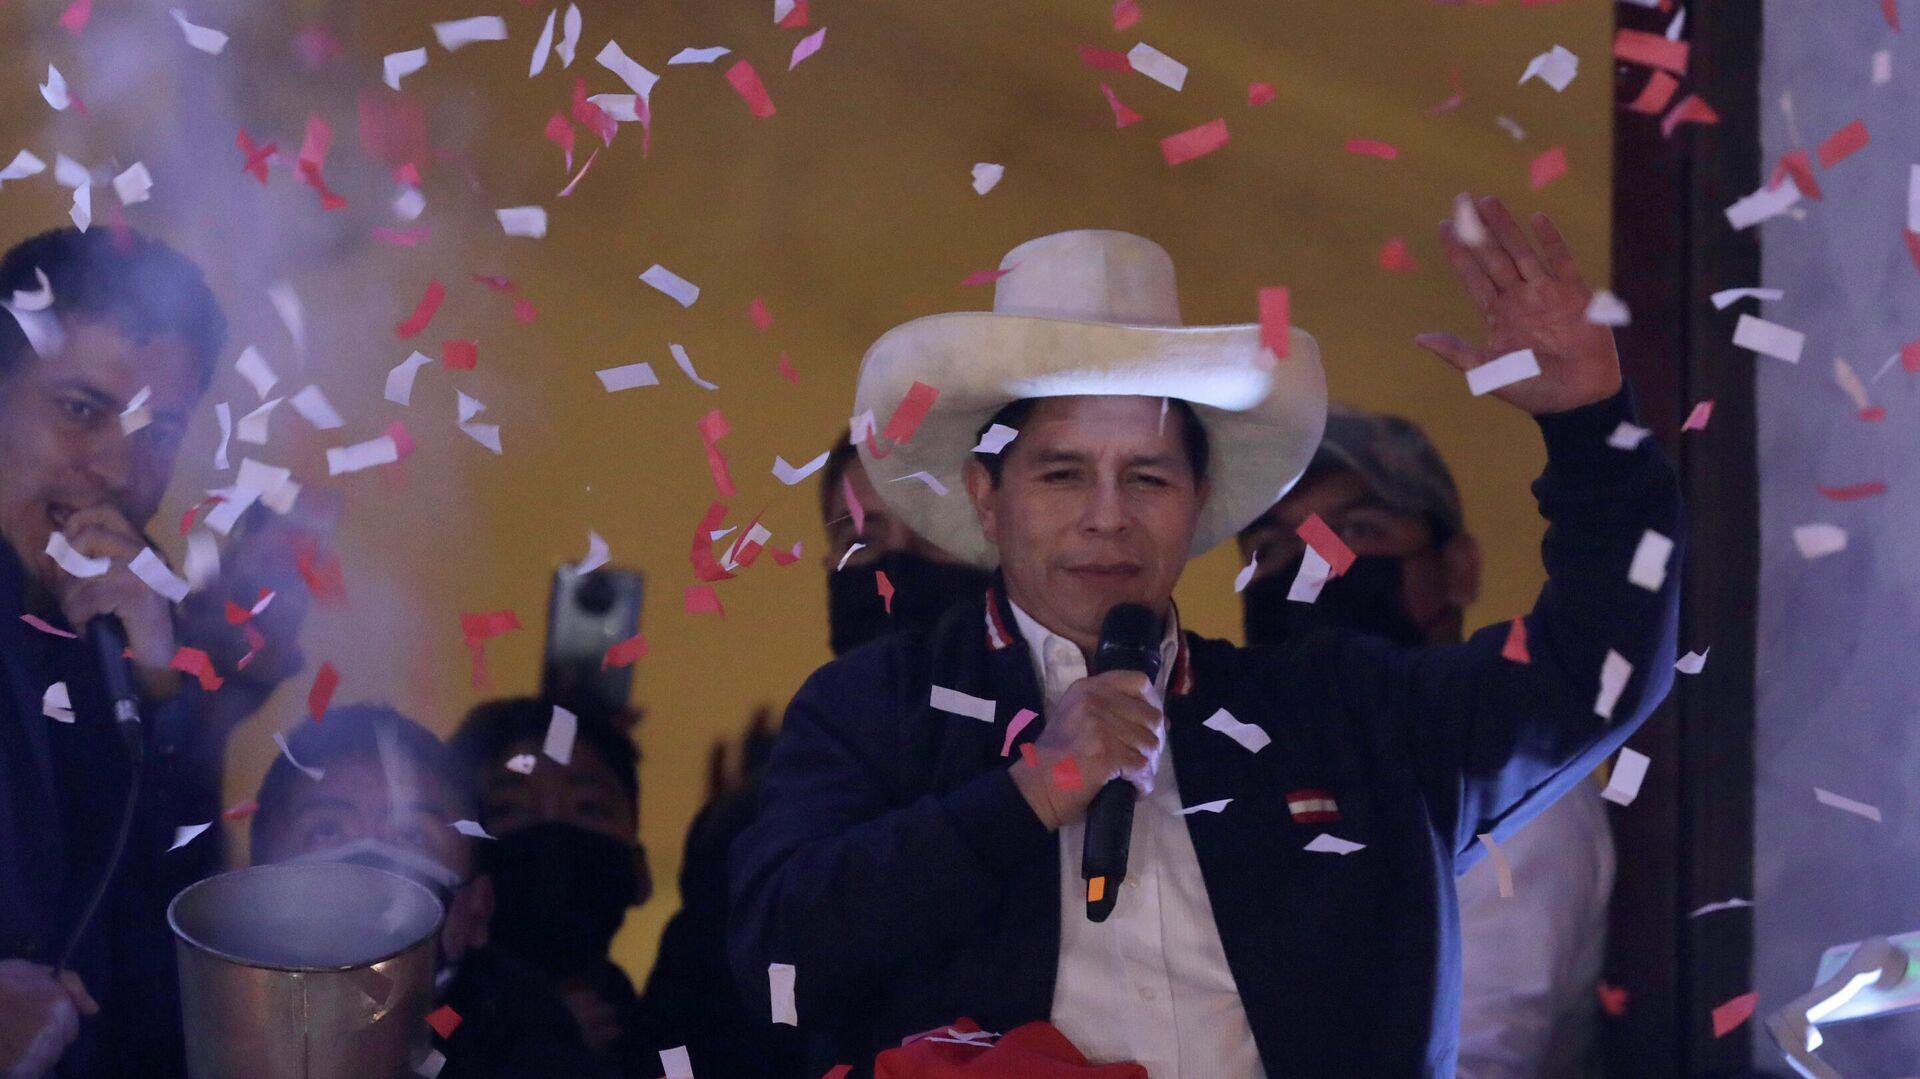 El presidente electo de Perú, Pedro Castillo, celebra su triunfo electoral - Sputnik Mundo, 1920, 23.07.2021